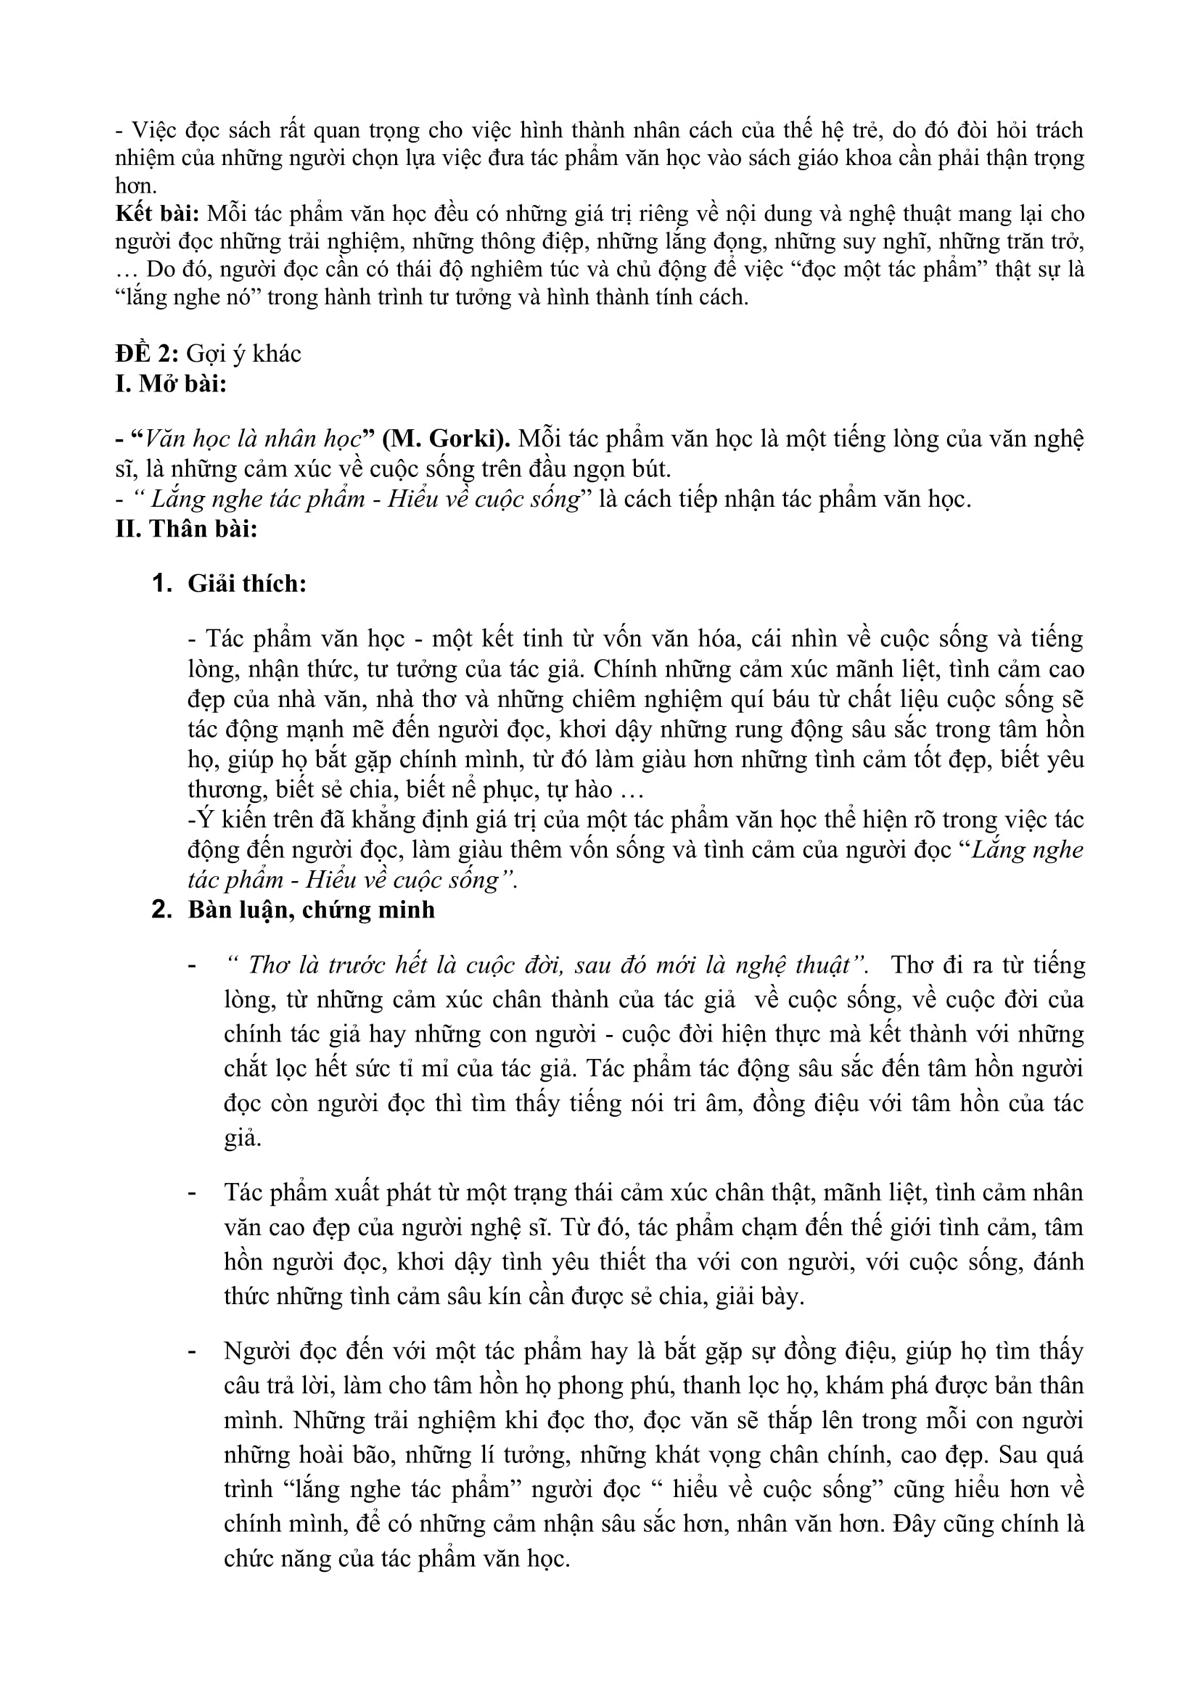 Gợi ý làm đề Văn lớp 10 TP HCM - 9